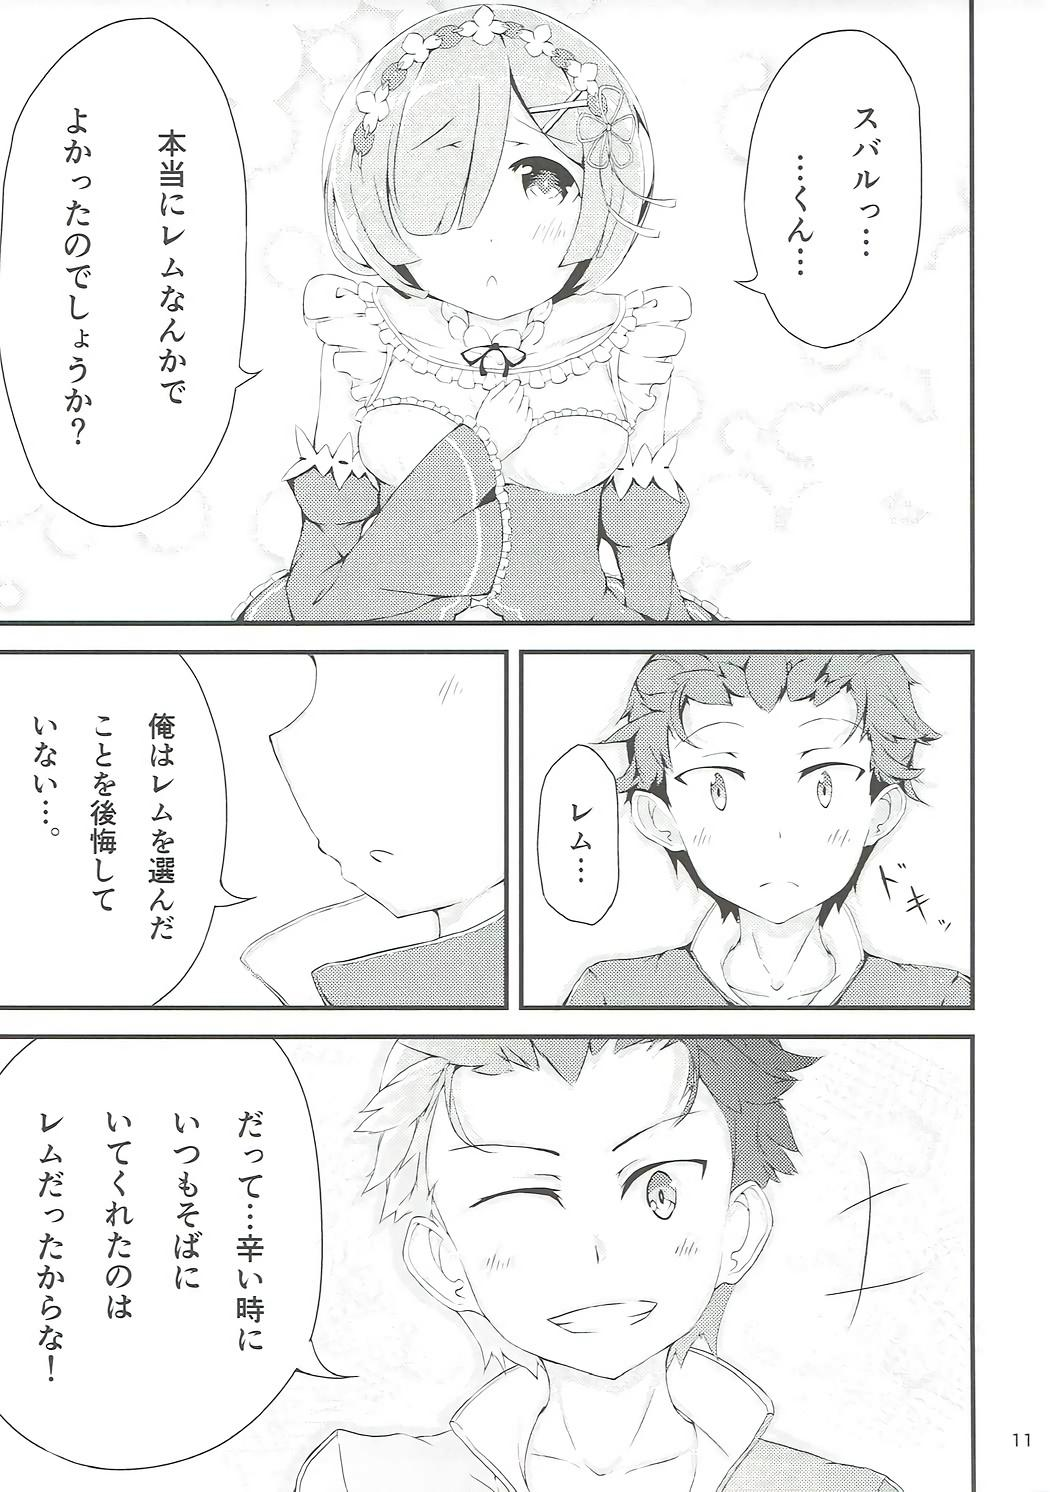 Re:Rem to Hajimeru Dousei Seikatsu 9